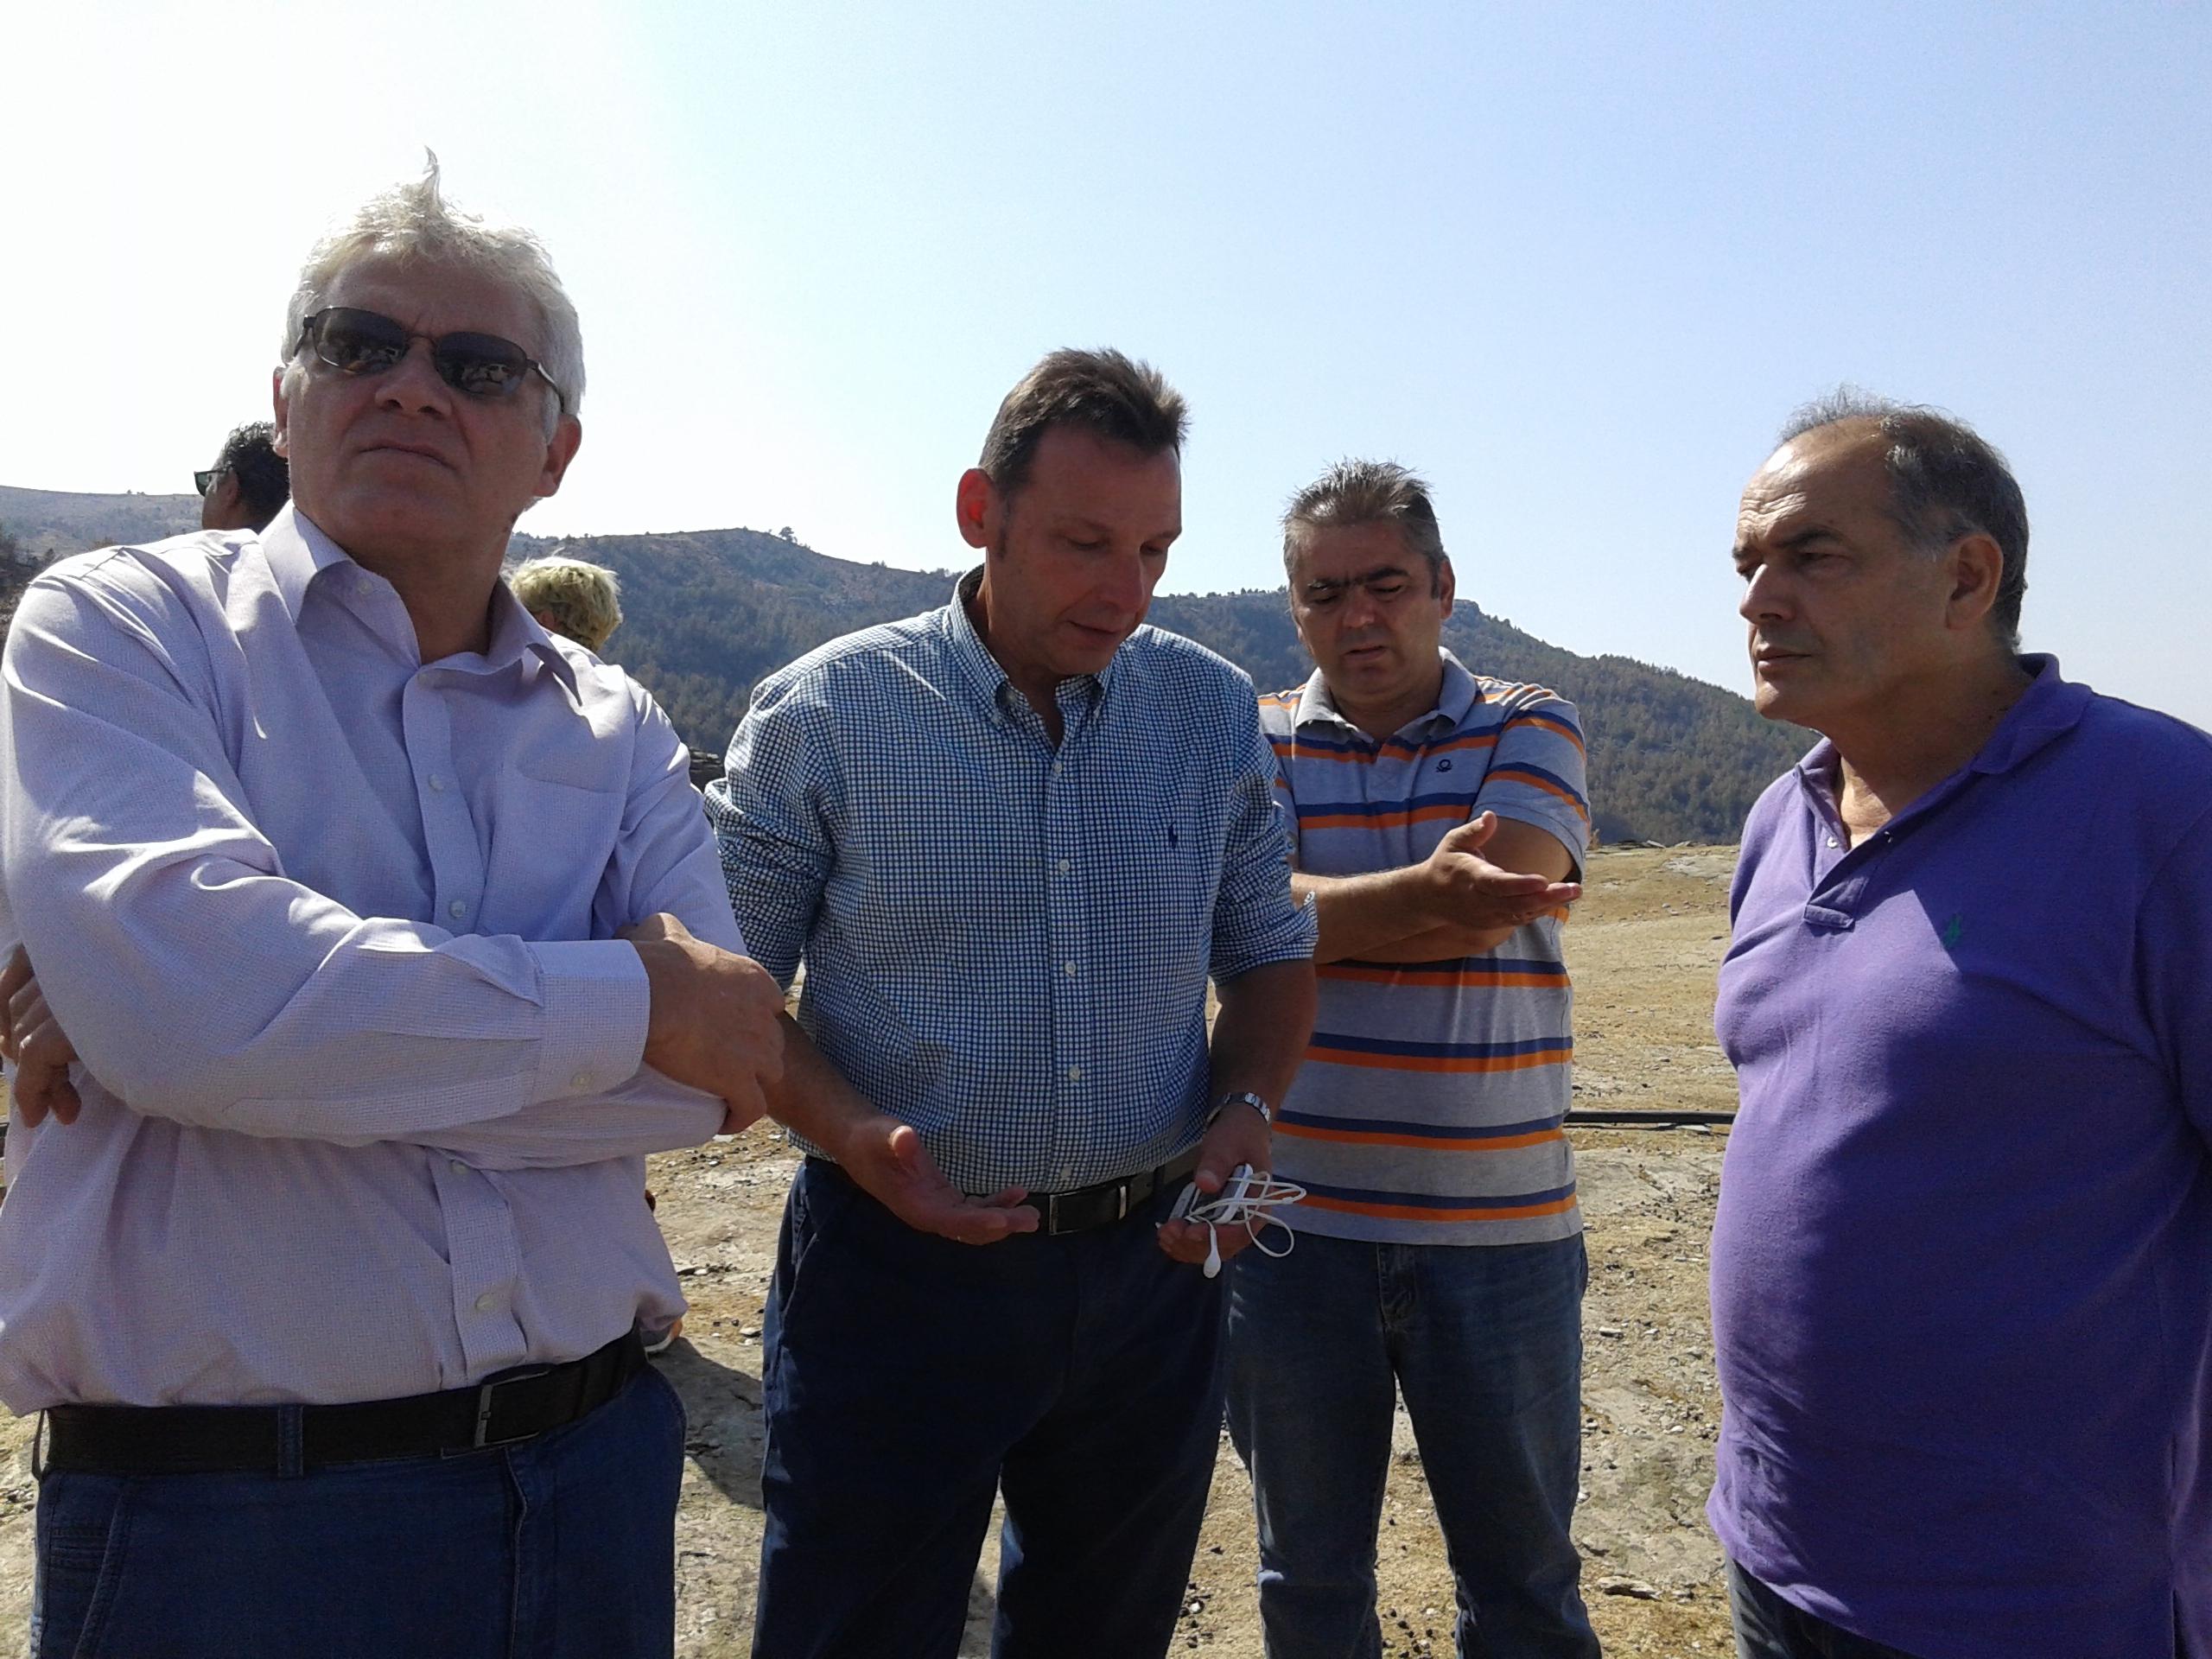 Επίσκεψη Γ. Τσιρώνη στη Θάσο για την αποκατάσταση των ζημιών για τις πυρκαγιές